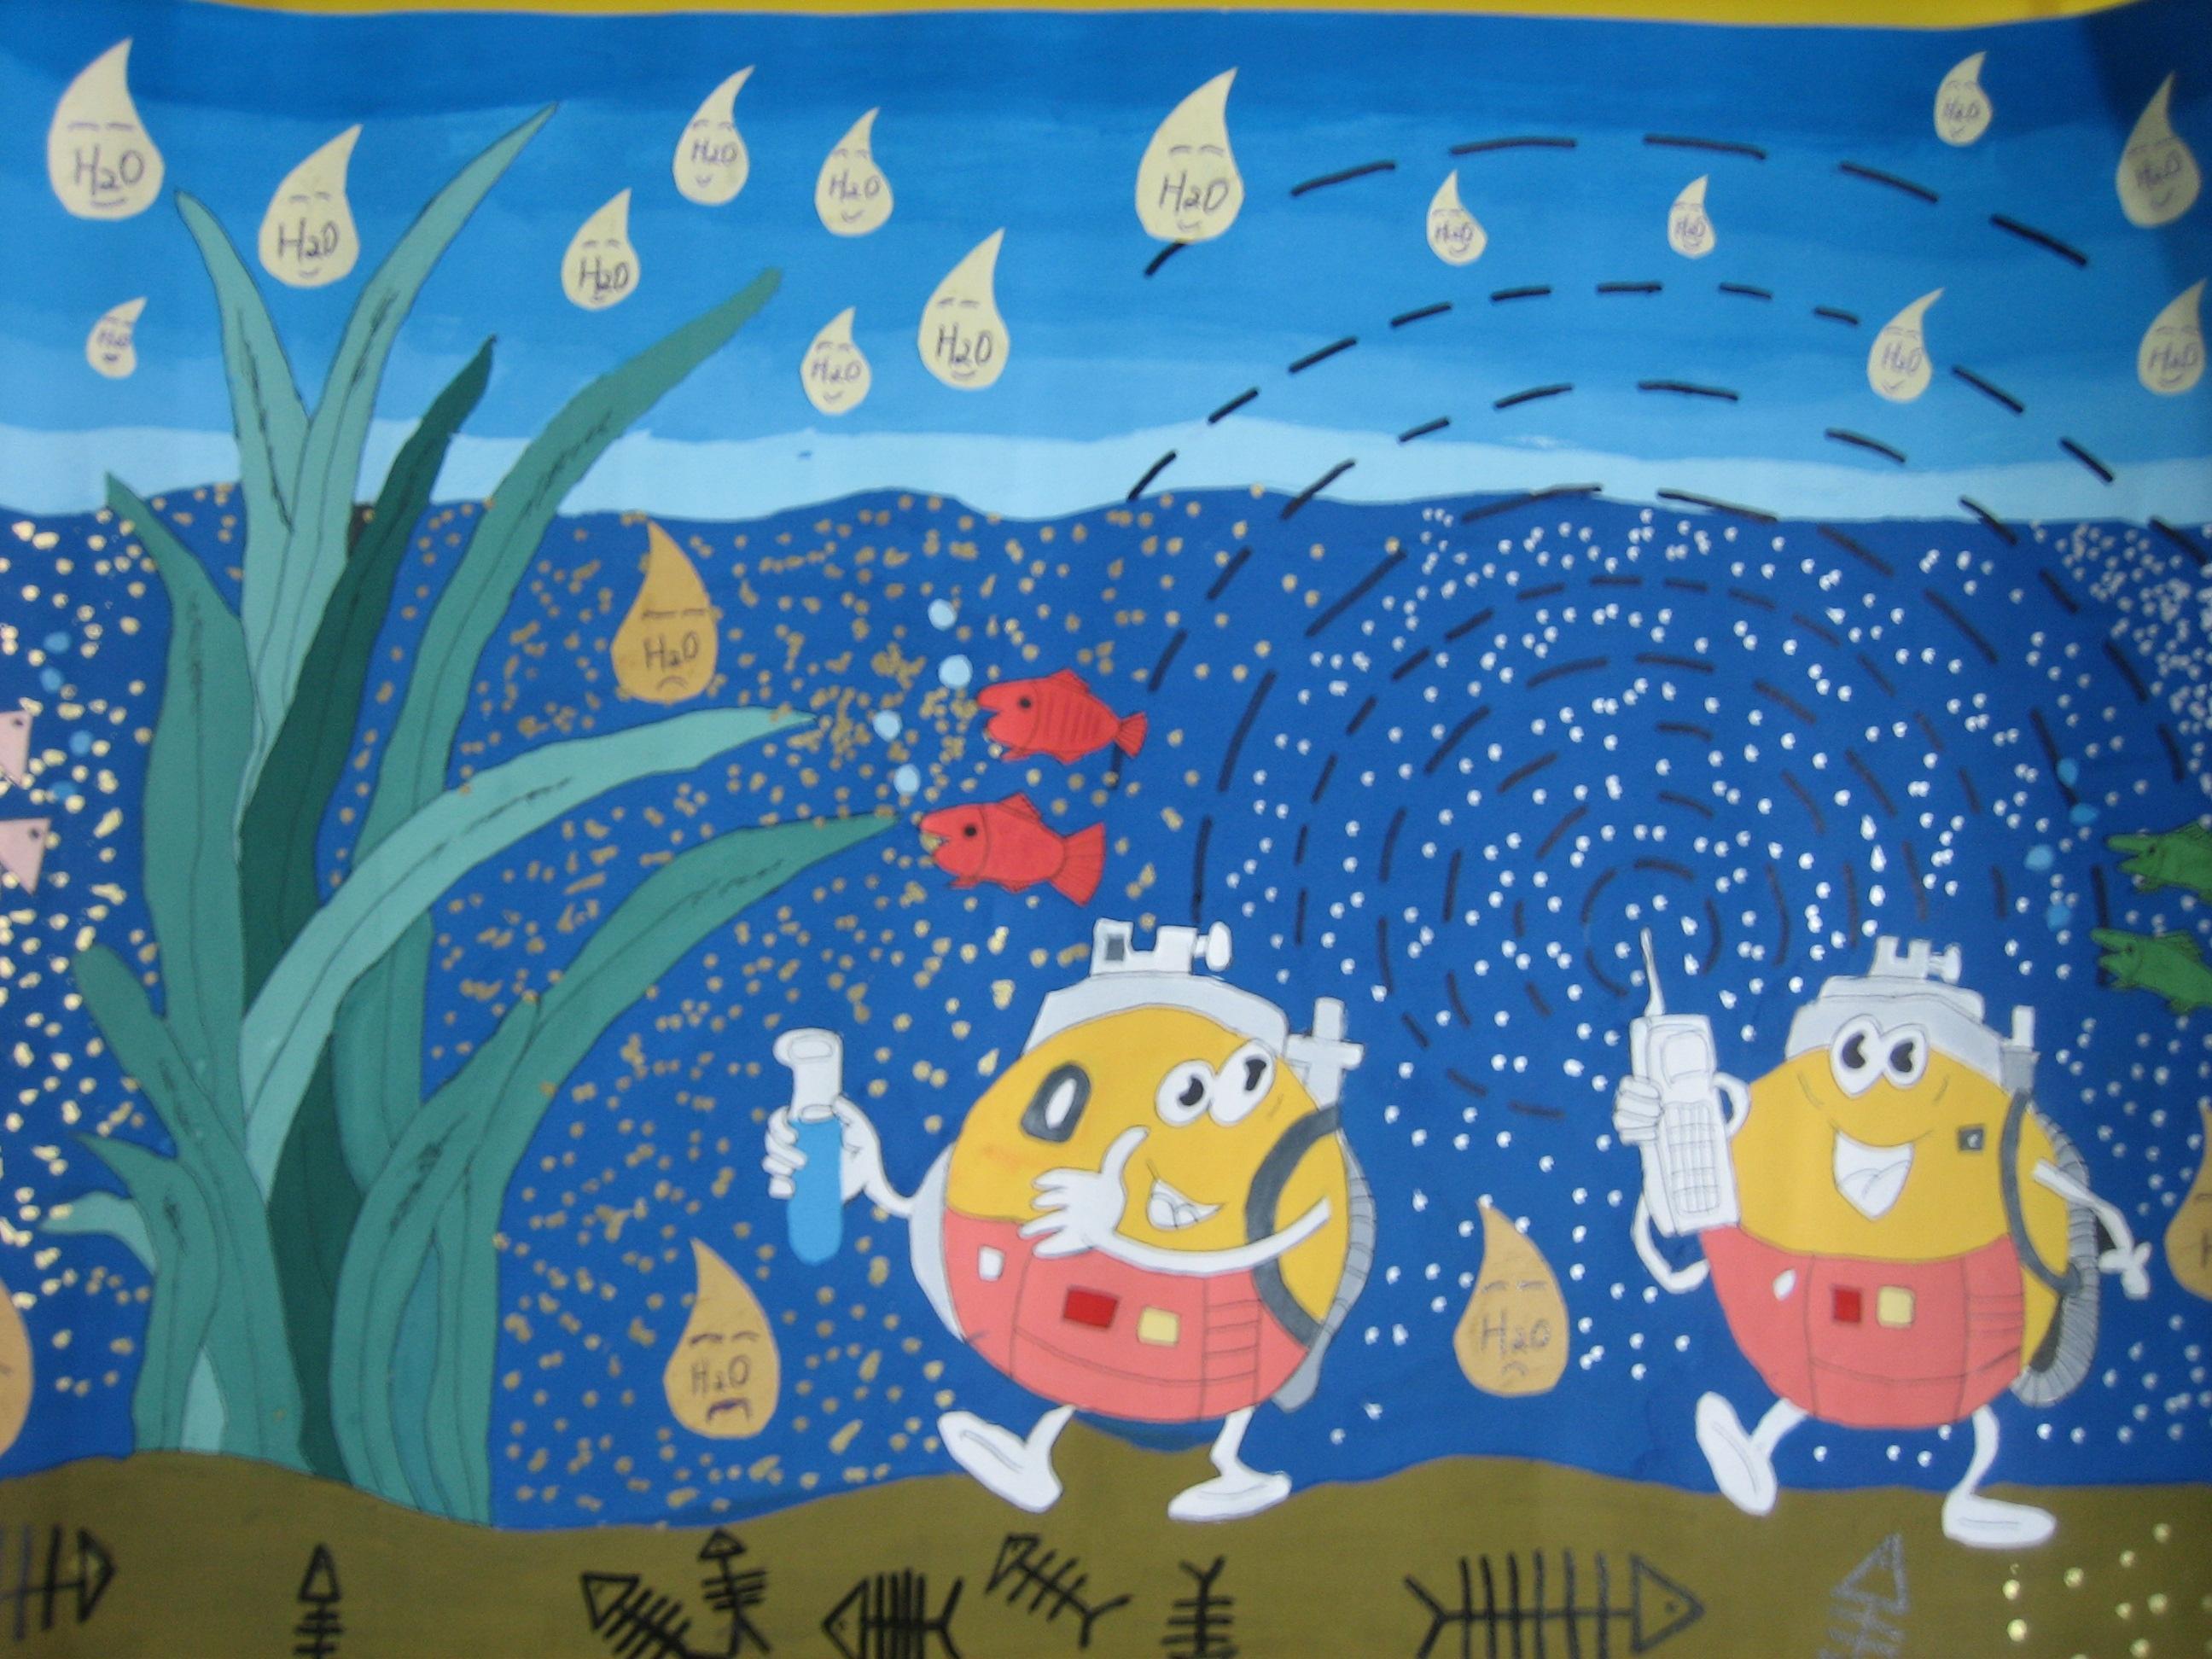 五年级科幻画获奖作品_科幻画 国家一等奖_儿童科幻画优秀作品_幼儿图片